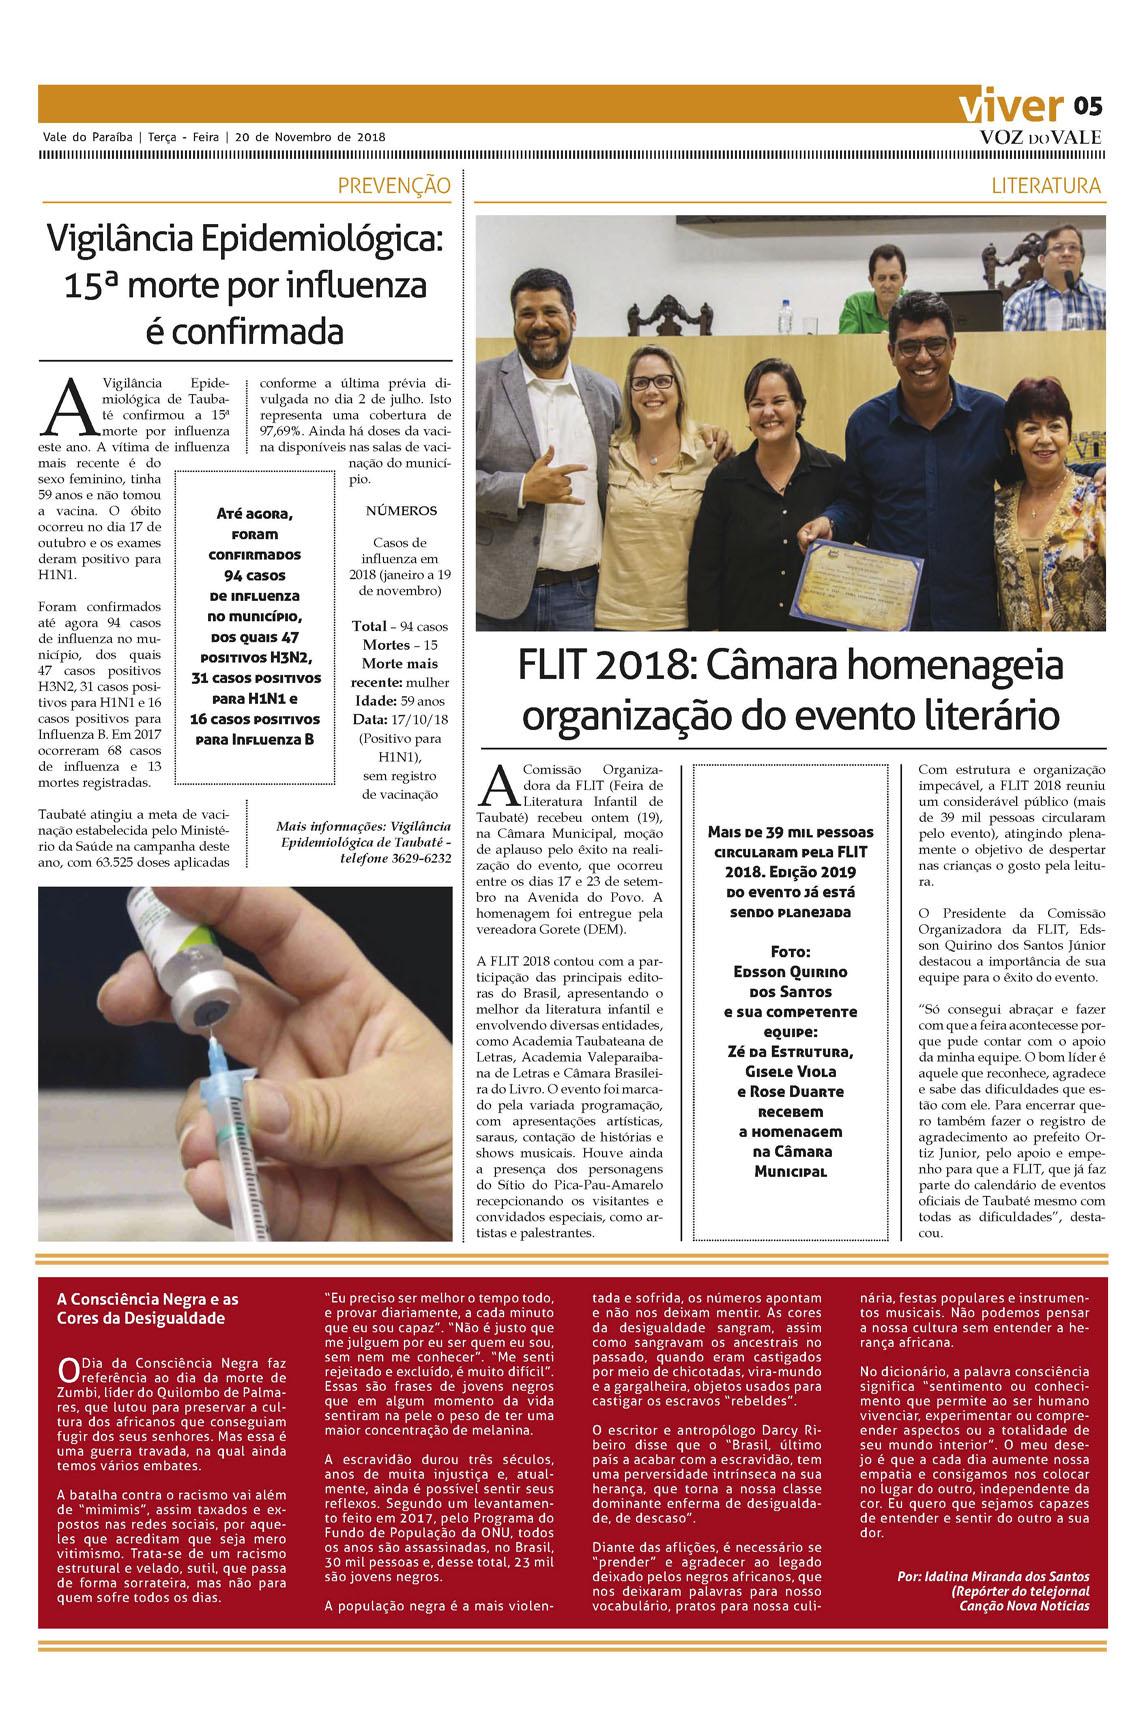 Edição De 20 De Novembro De 2018 Voz Do Vale Online